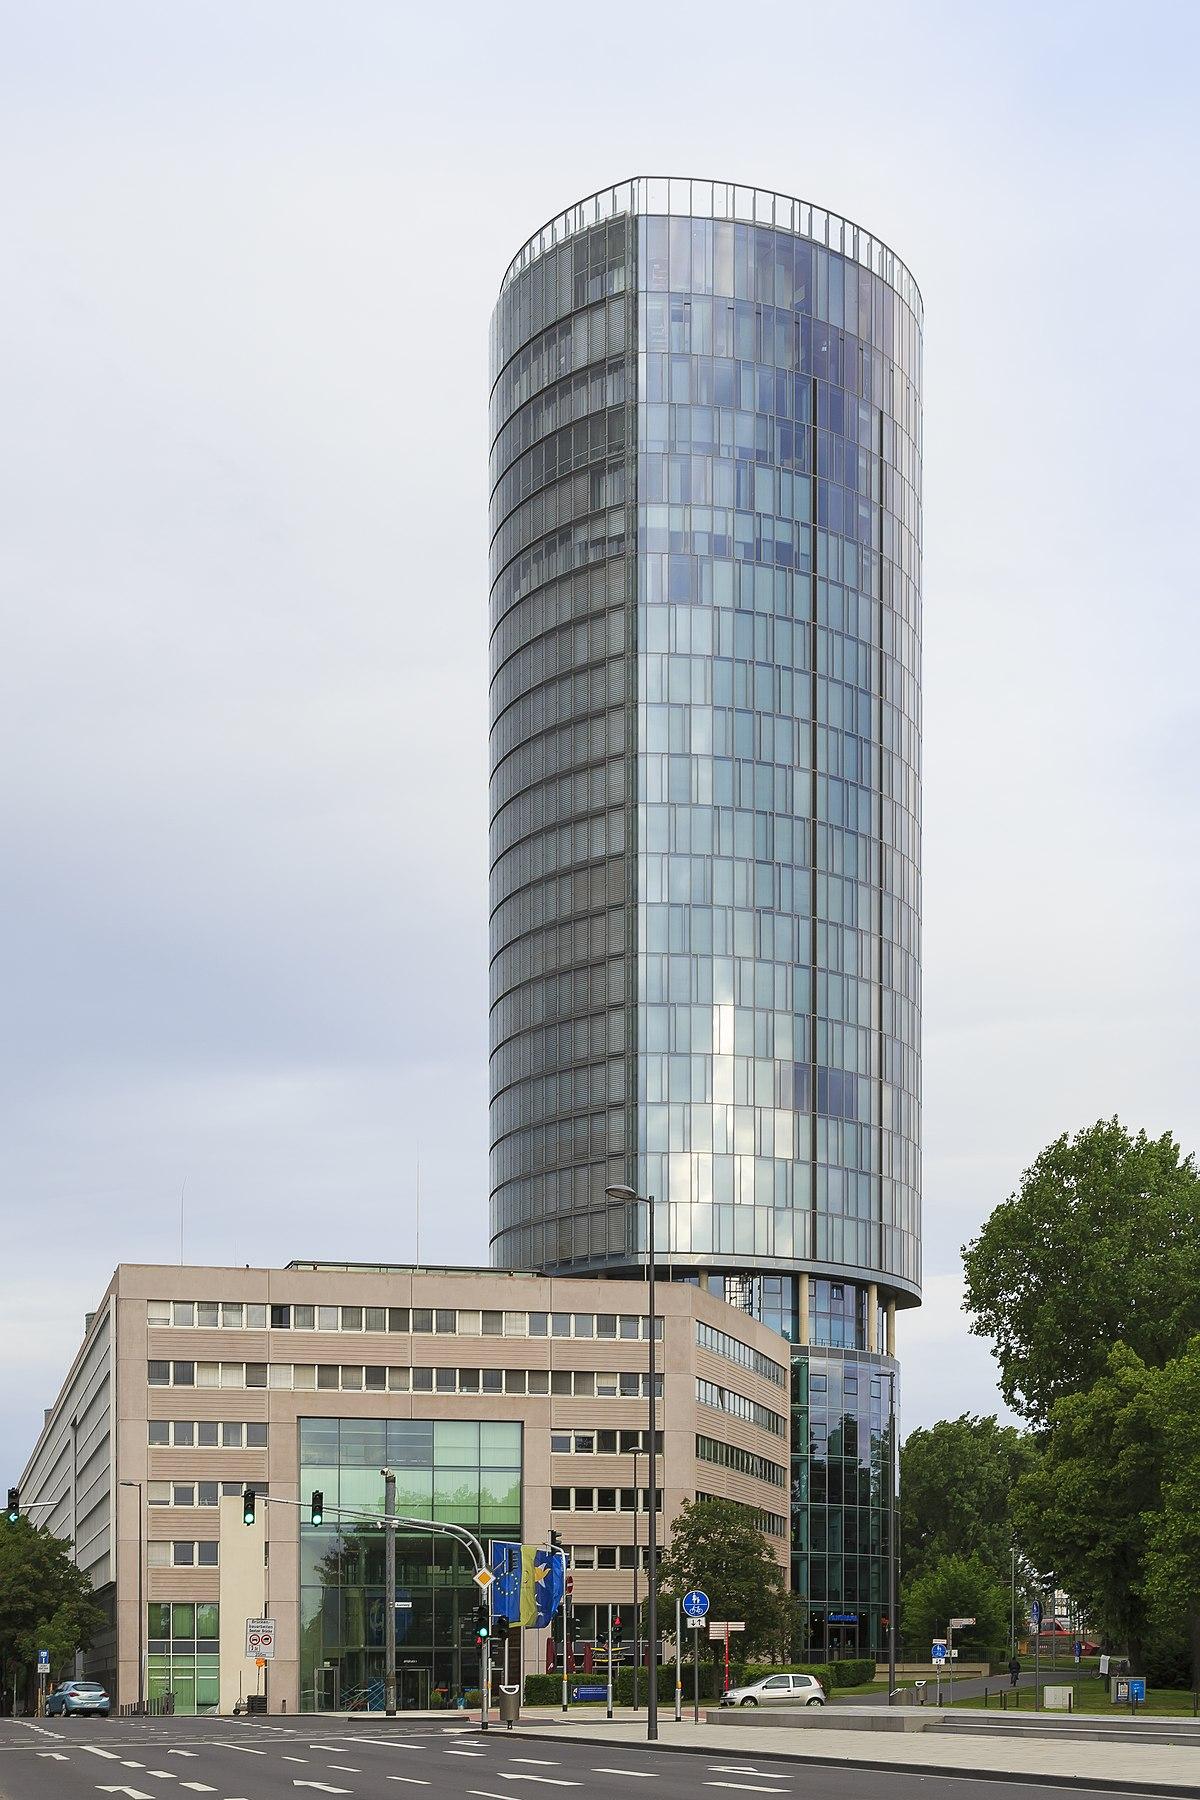 Agenzia europea per la sicurezza aerea wikipedia for Agenzia la moderna